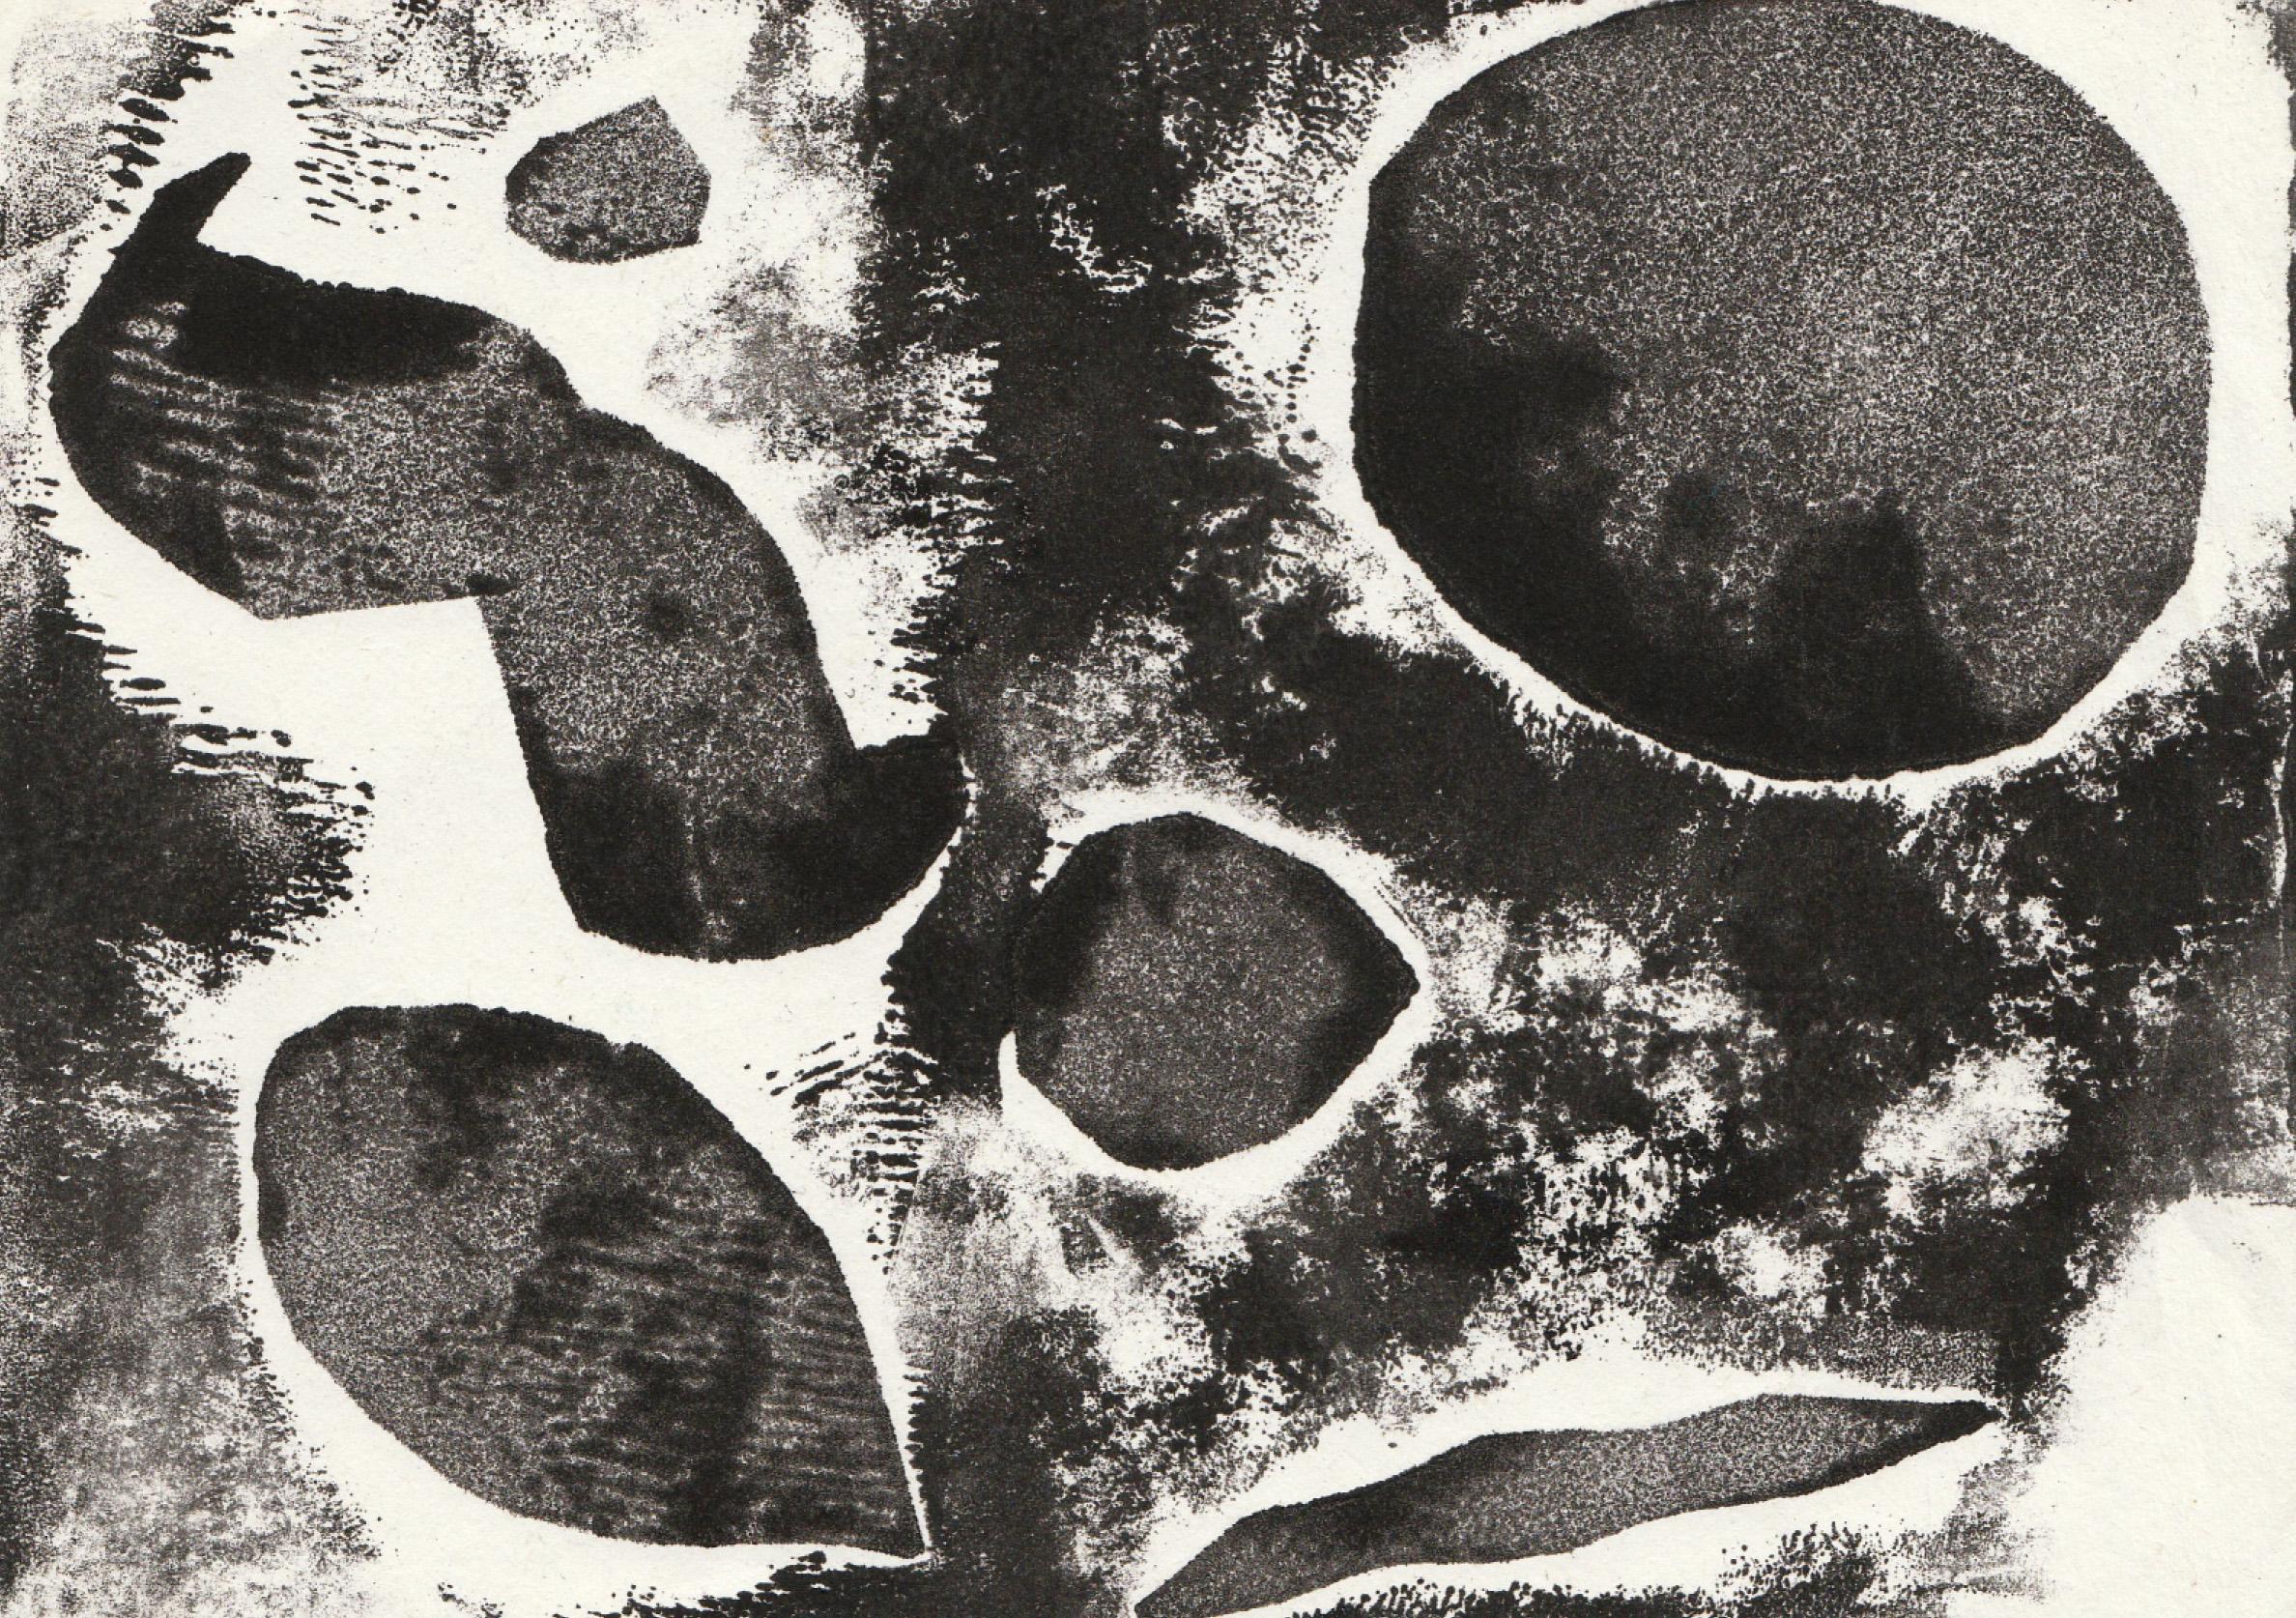 Zīmējums ir abstrakts. Tajā attēloti dažādi abjekti. Zīmējums ir melnbalts.